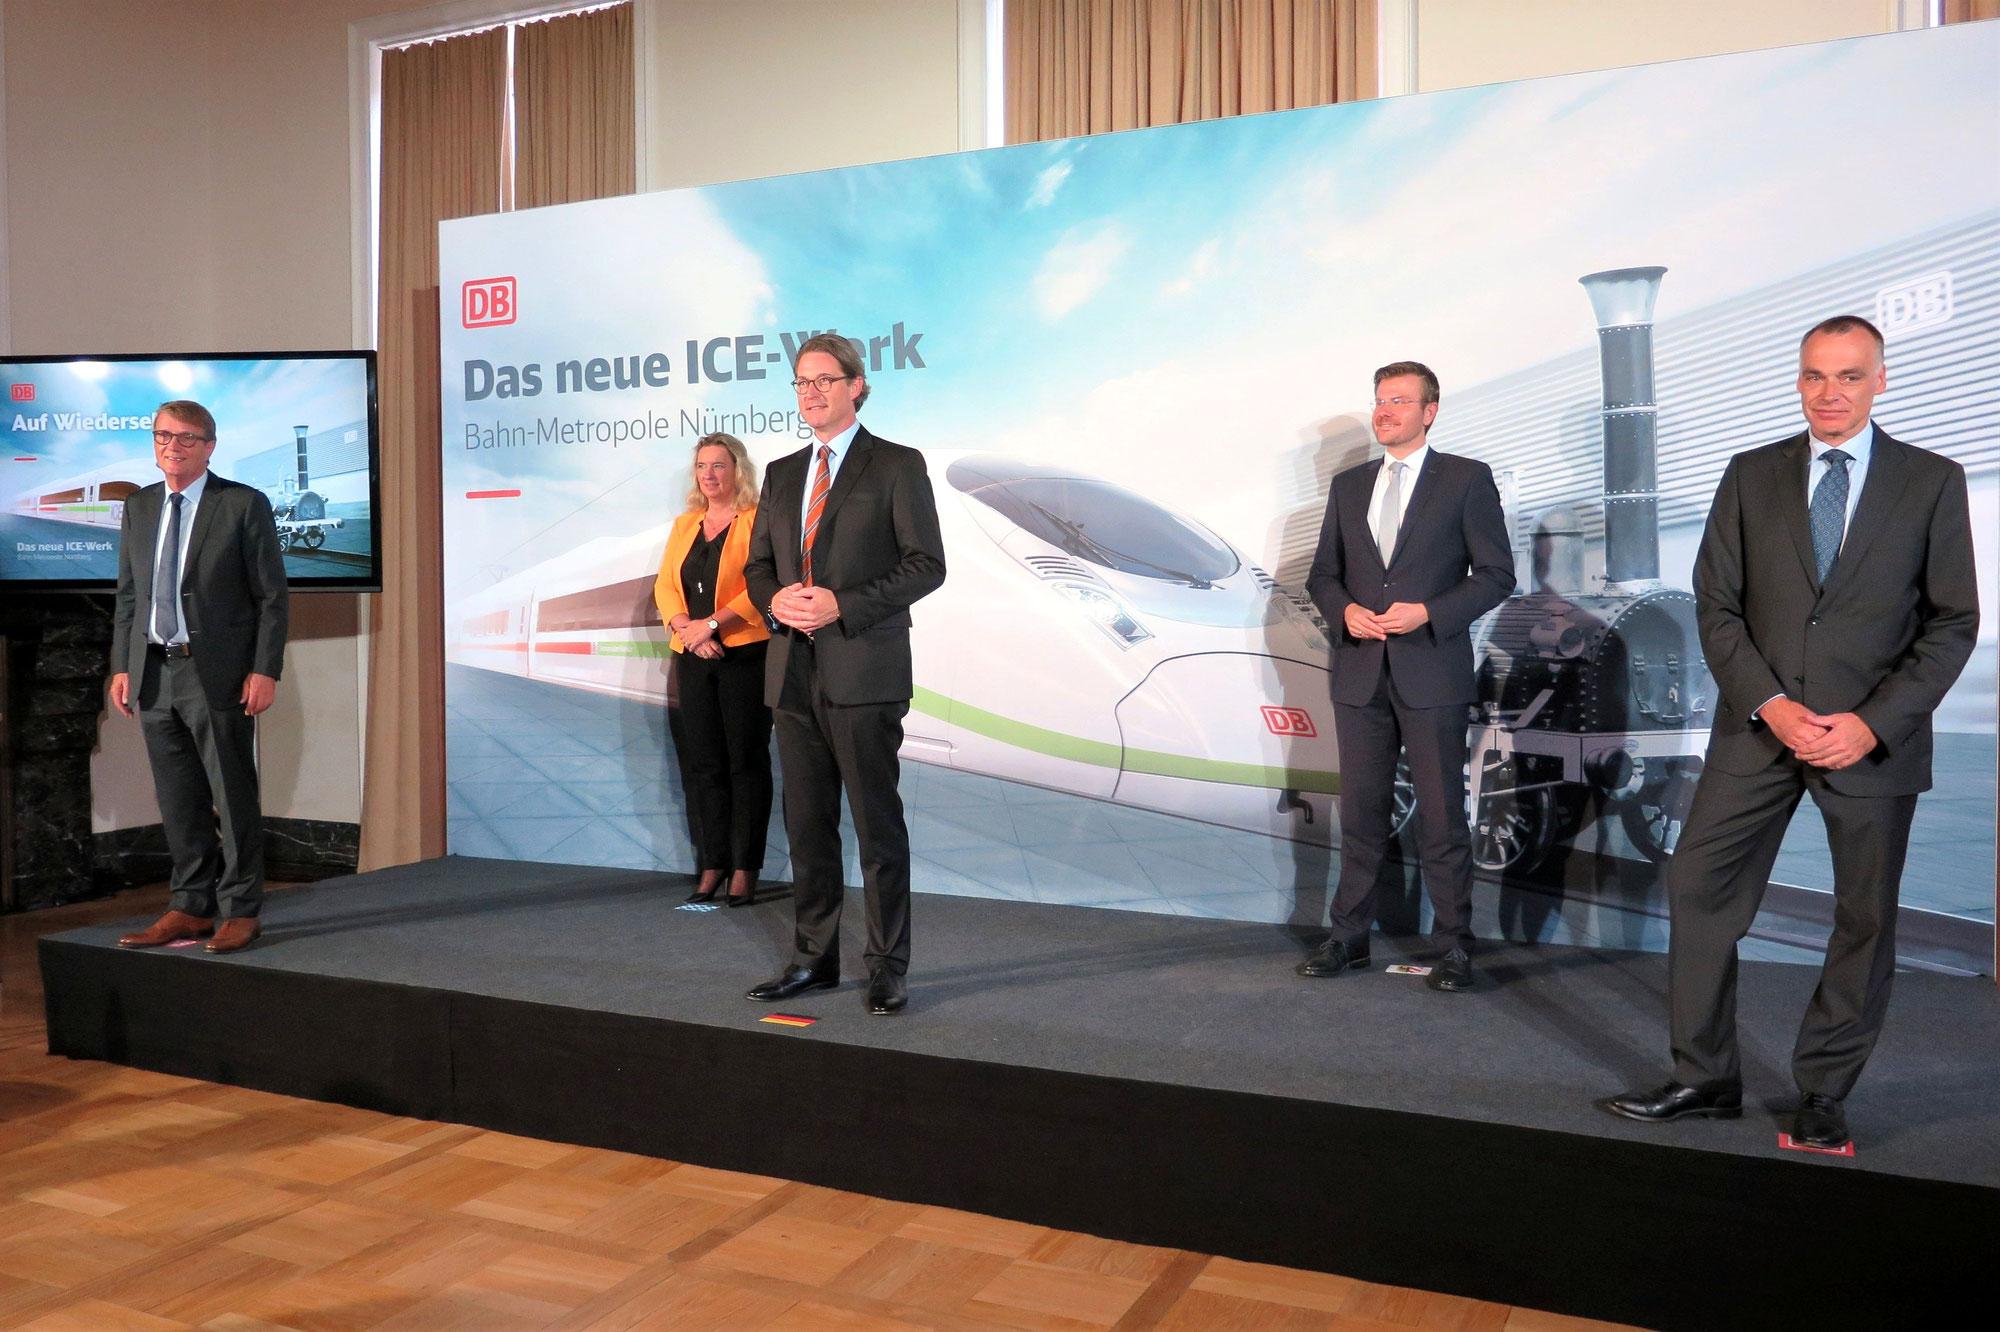 ICE-Werk Nürnberg: Standortsuche geht in die nächste Phase